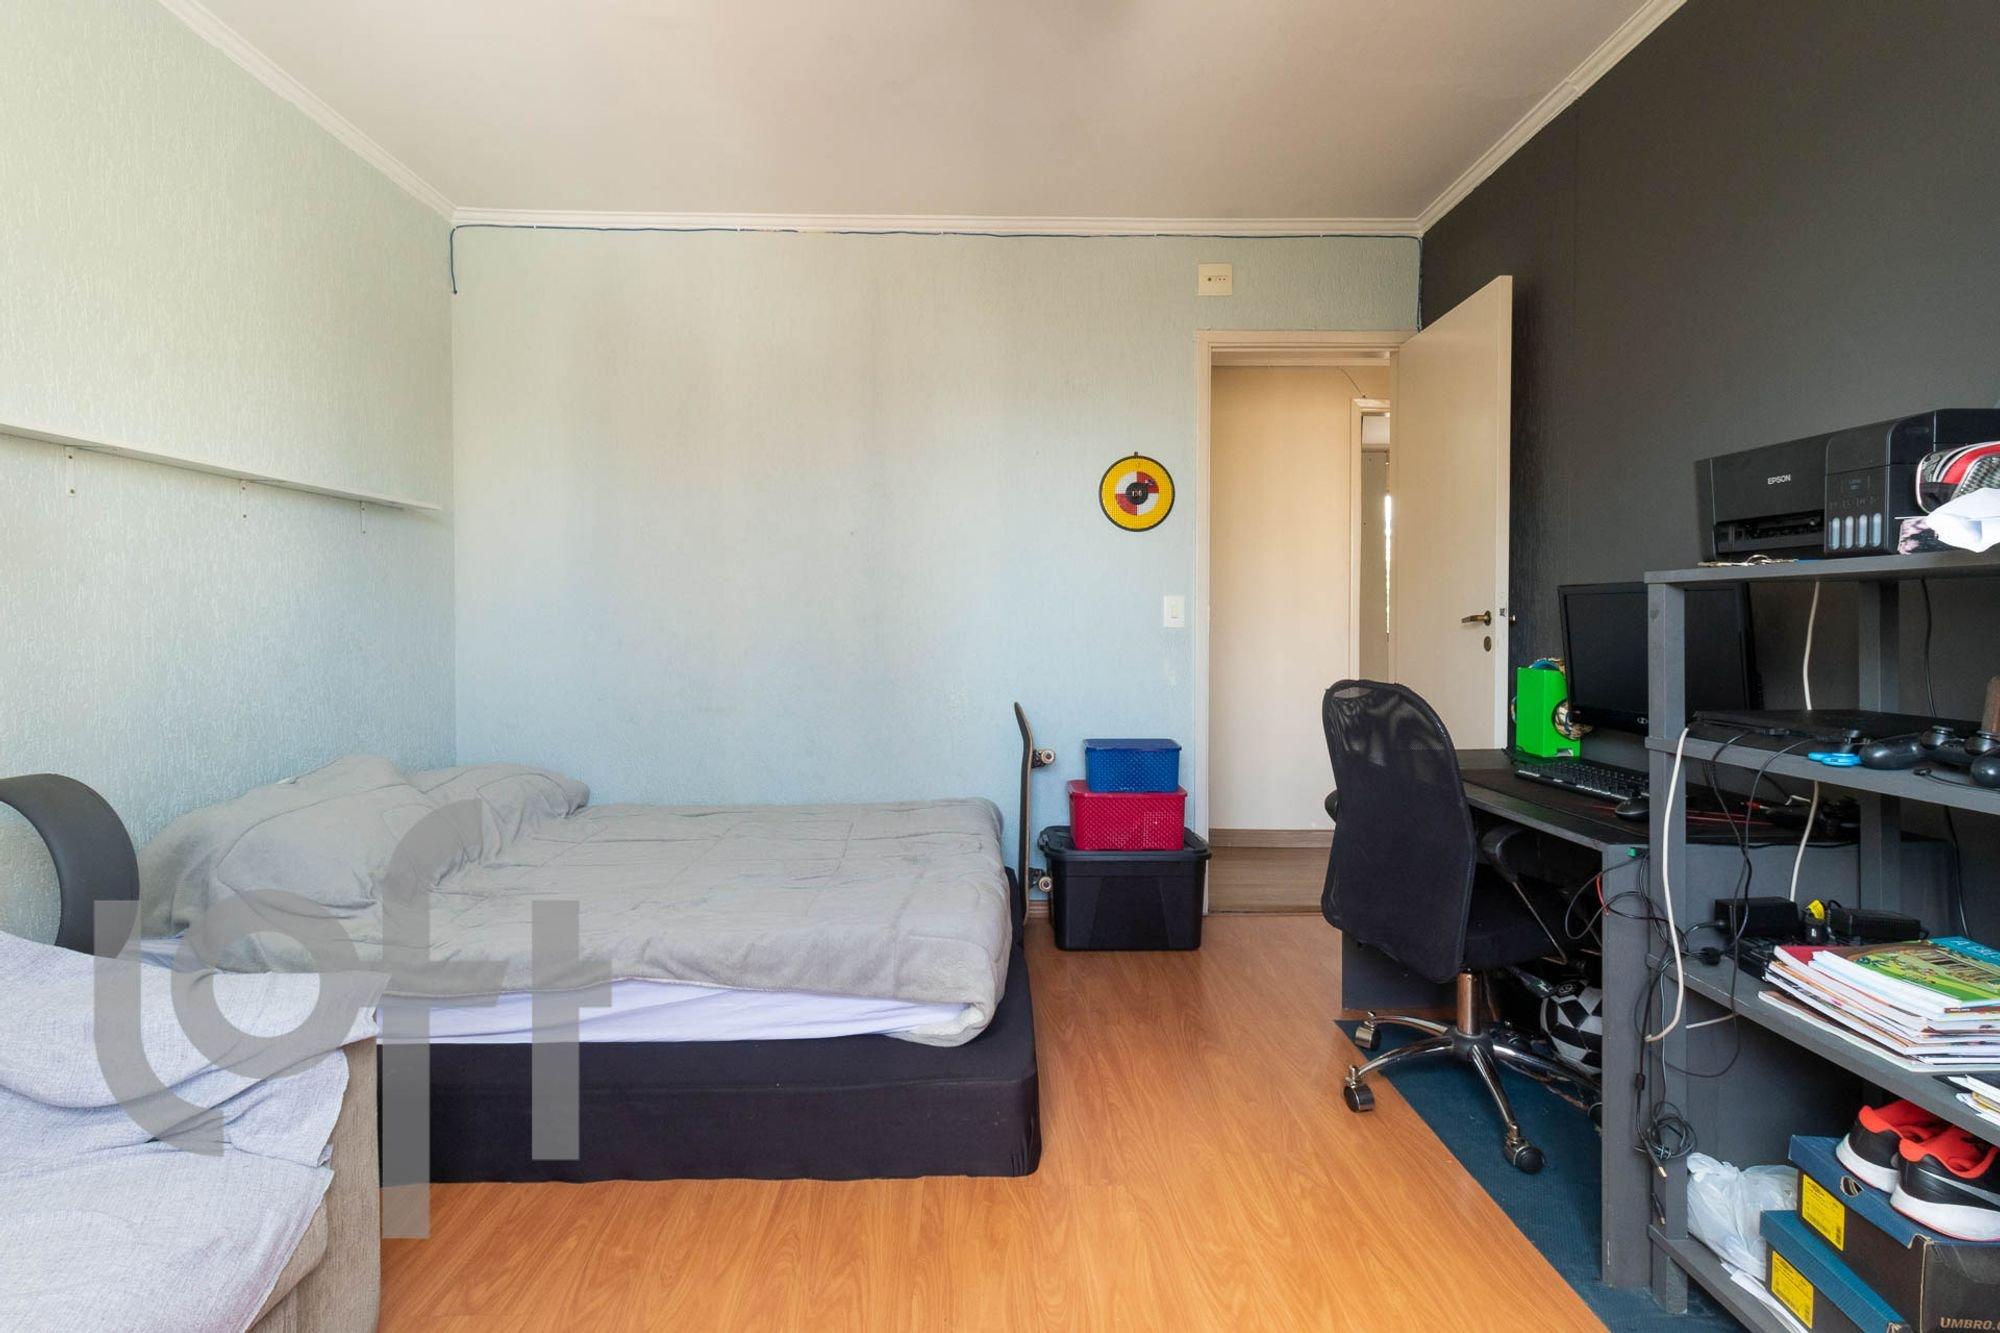 Foto de Quarto com cama, teclado, cadeira, livro